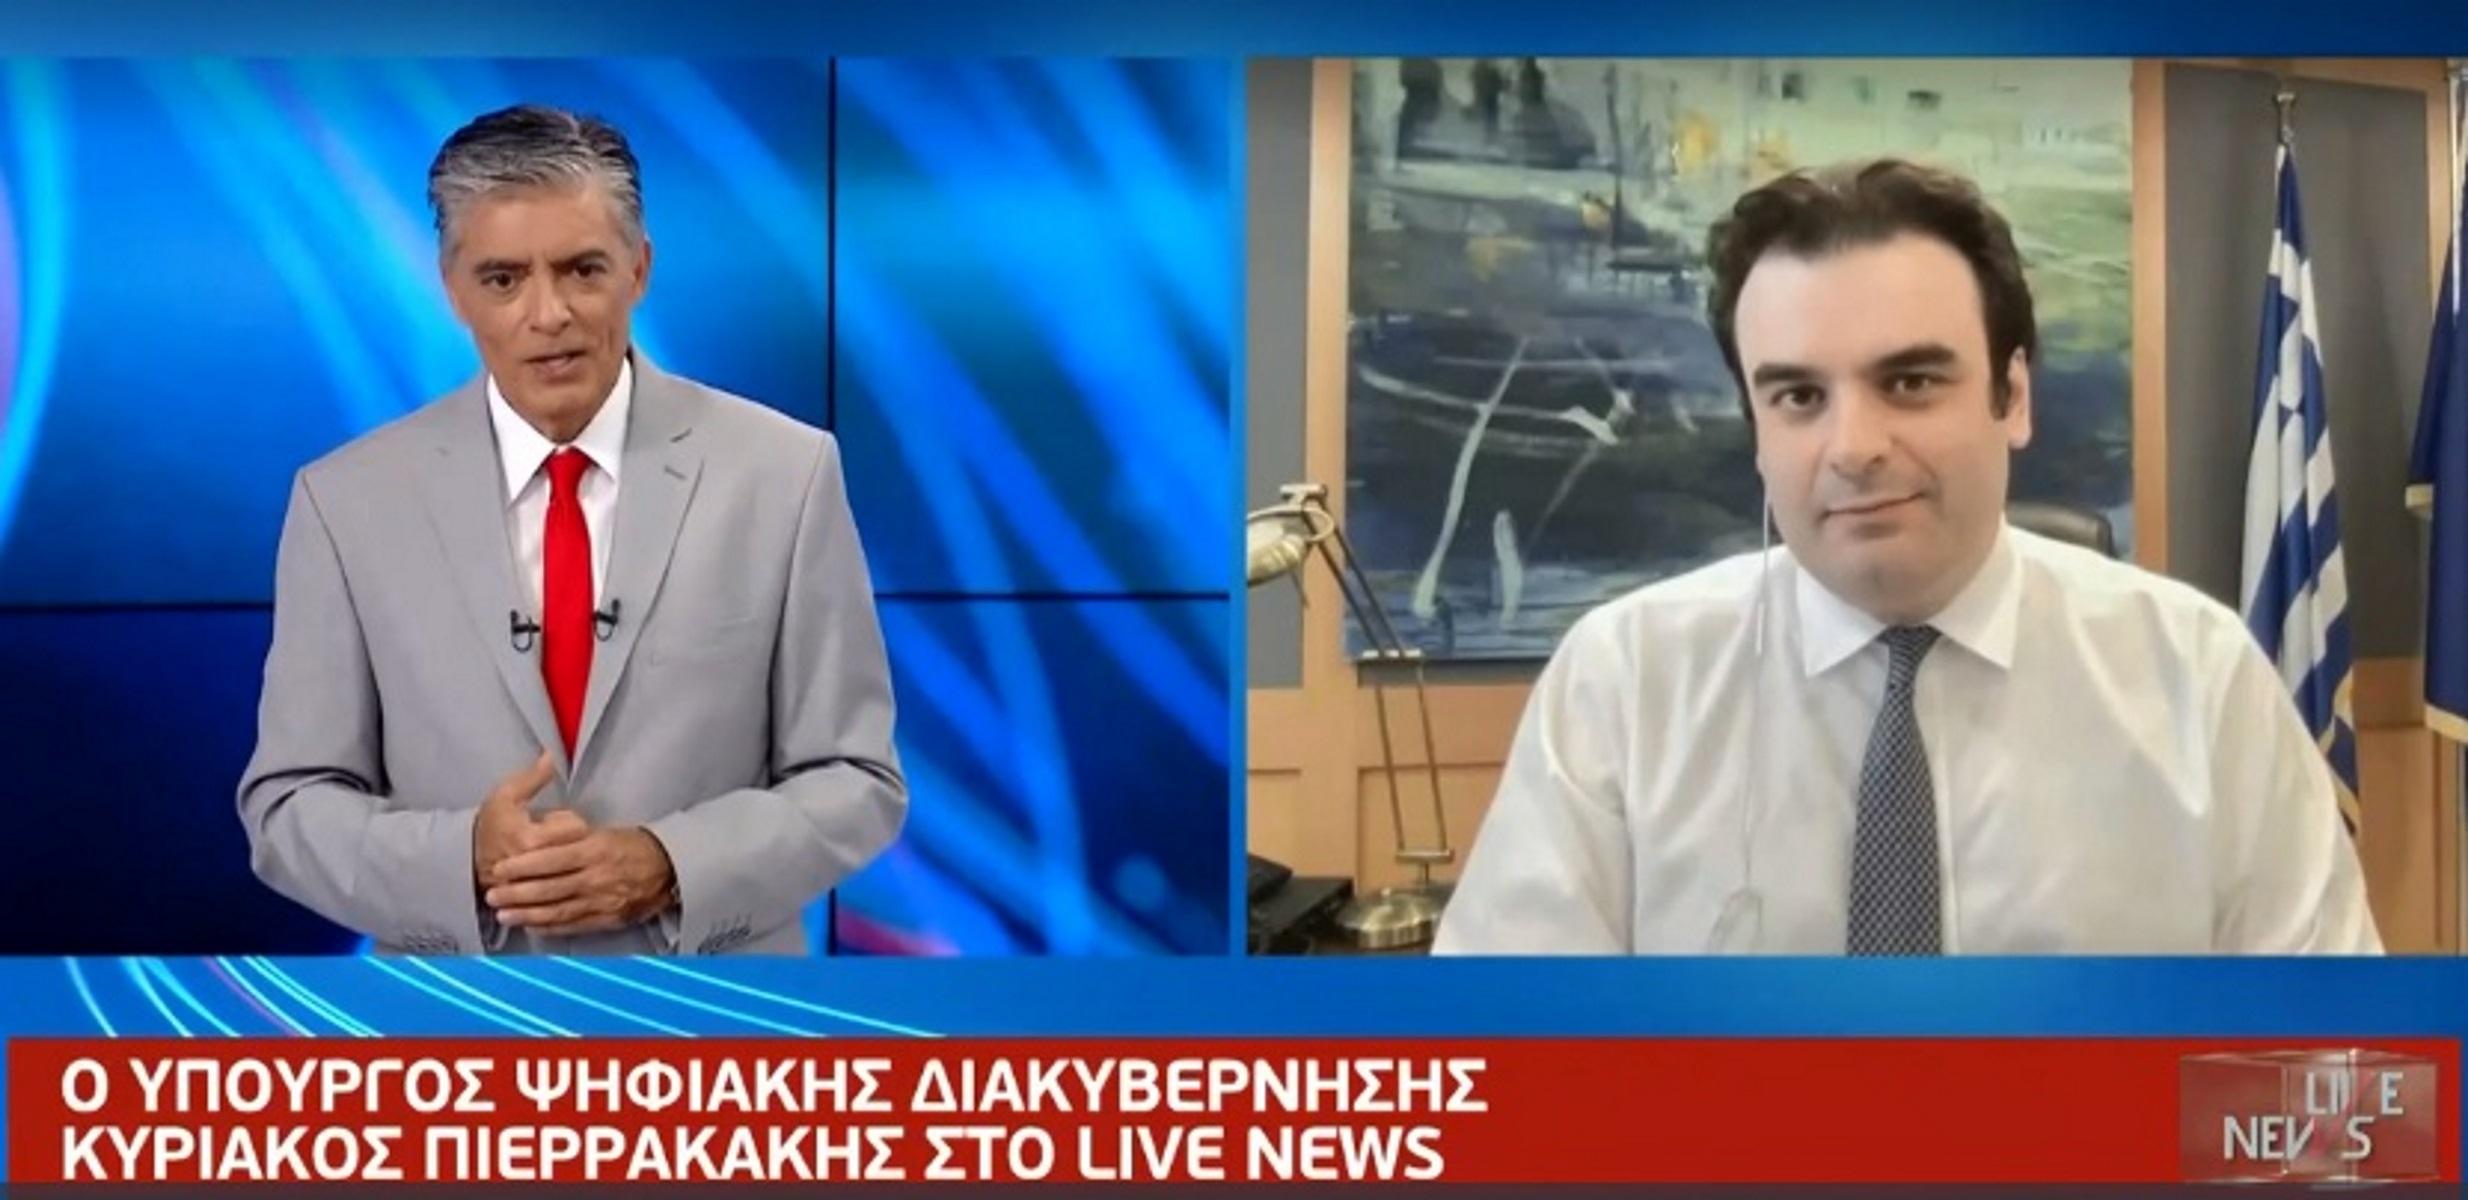 Πιερρακάκης στο «Live News»: Μεταβίβαση ακινήτου ηλεκτρονικά με μόνο ένα βήμα